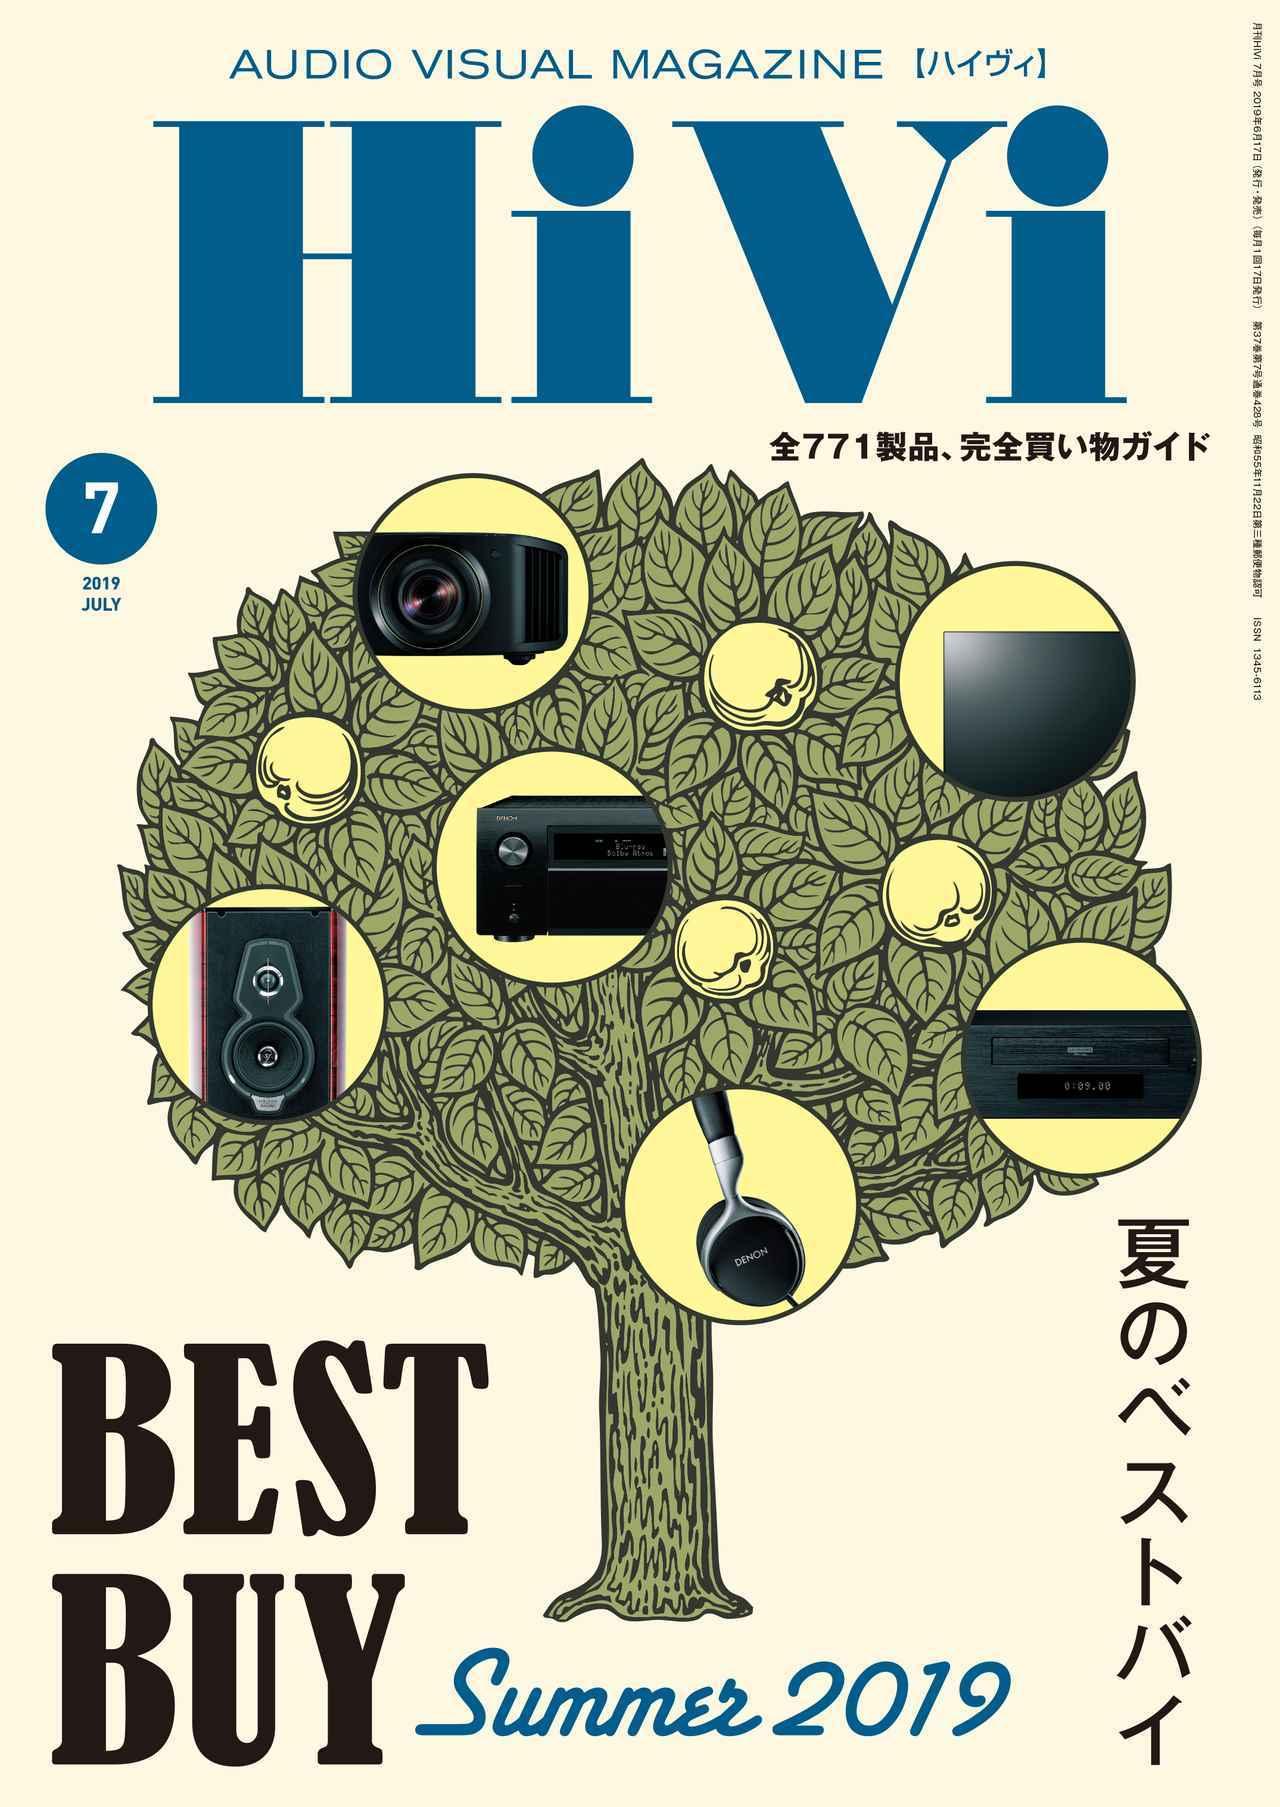 画像: お買い得オーディオ、オーディオビジュアル製品を網羅した「夏のベストバイ」掲載のHiVi7月号は、6月17日発売